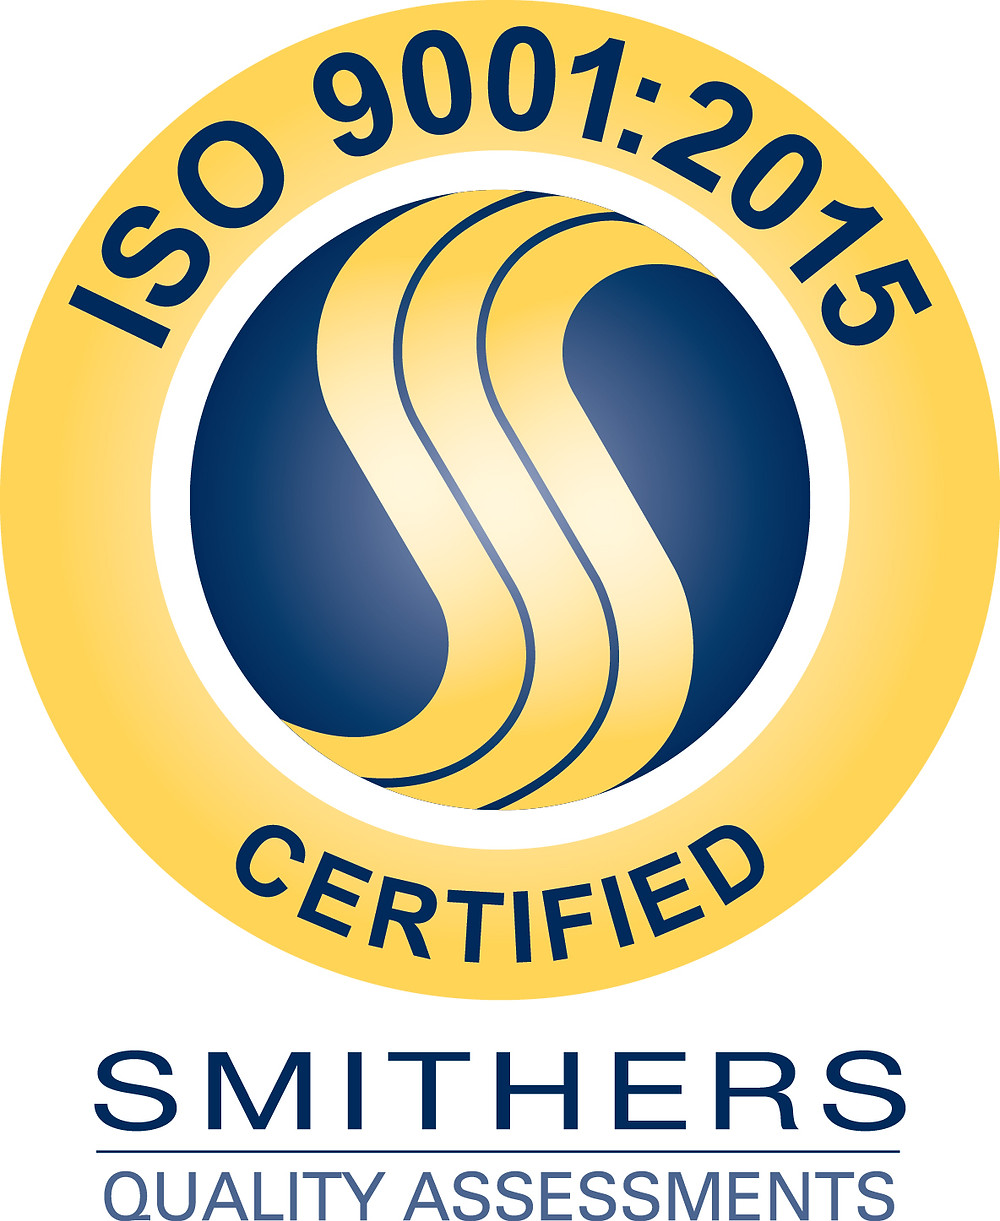 Truston ISO 9001:2015 Certification